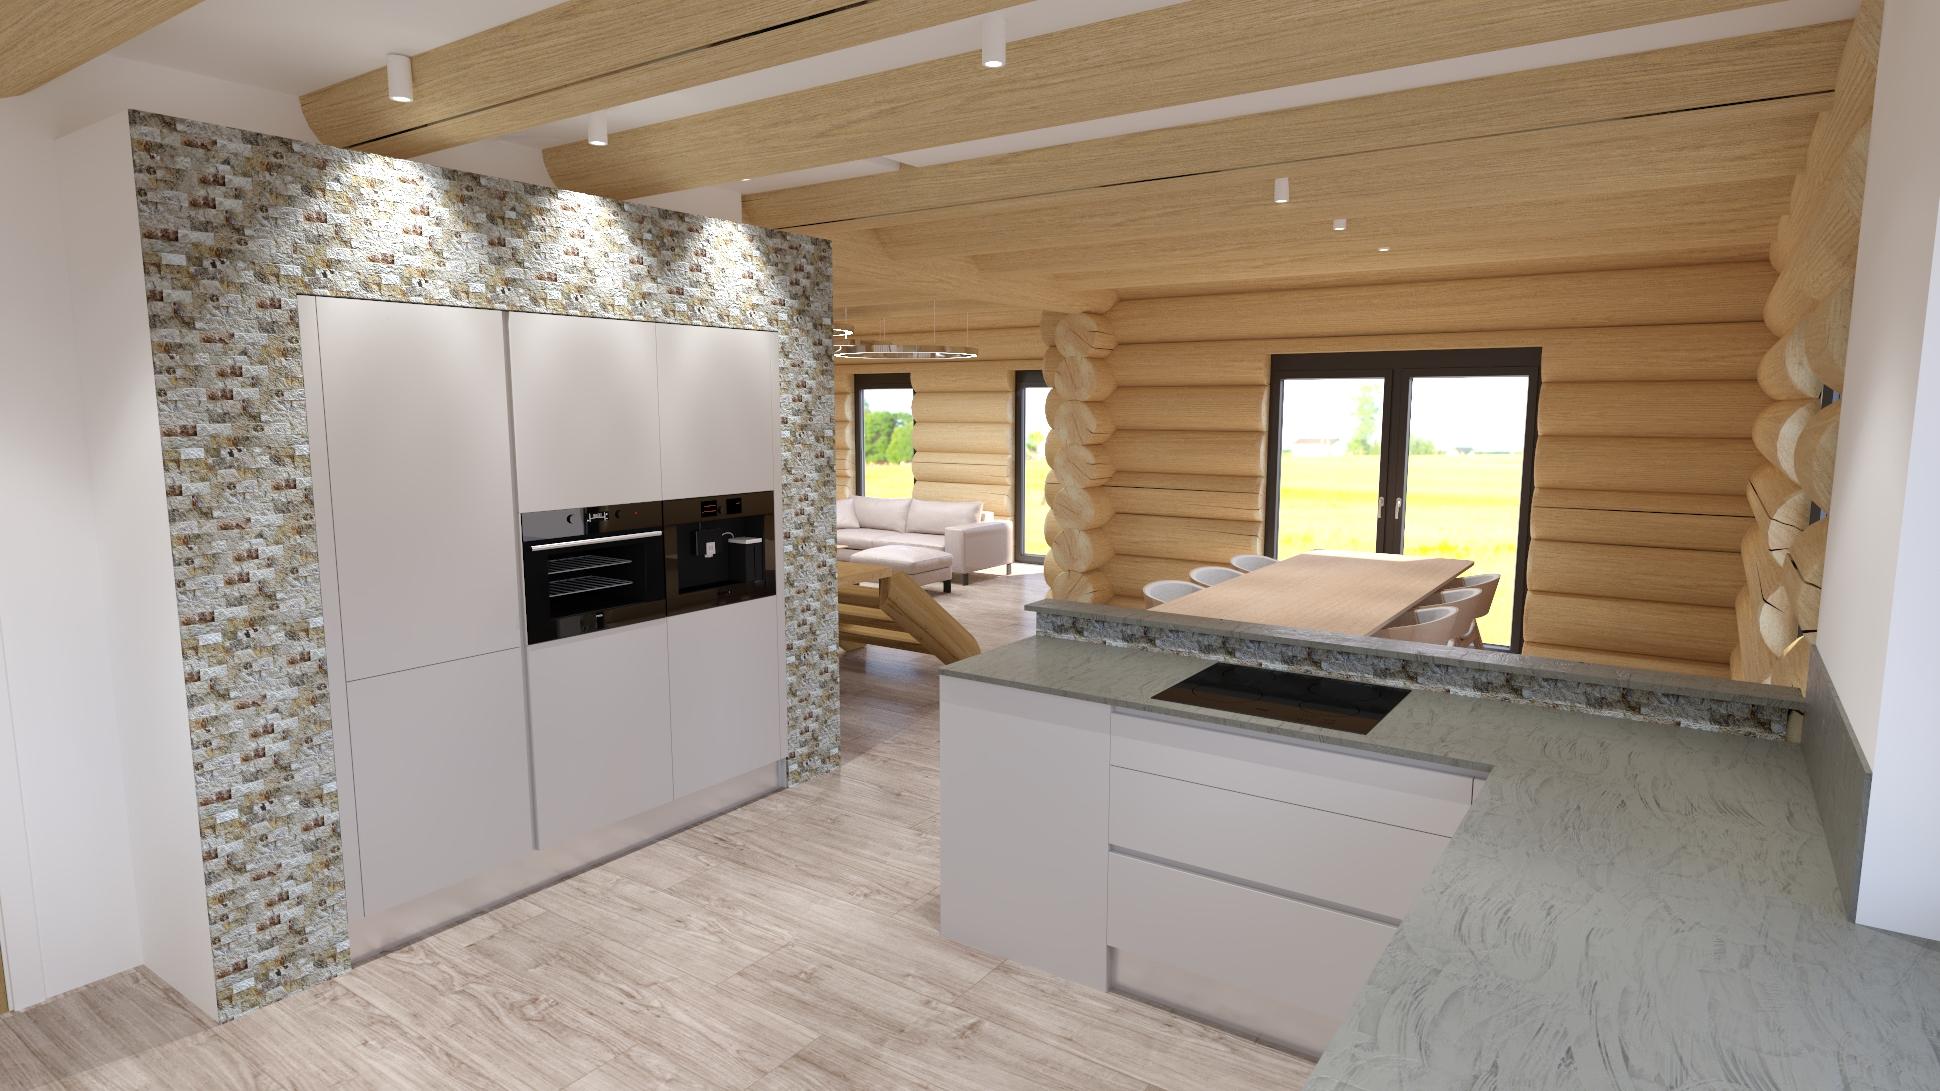 vizualizace kuchyňského koutu v srubu, pohled na jídelní stůlm a obývací pokoj